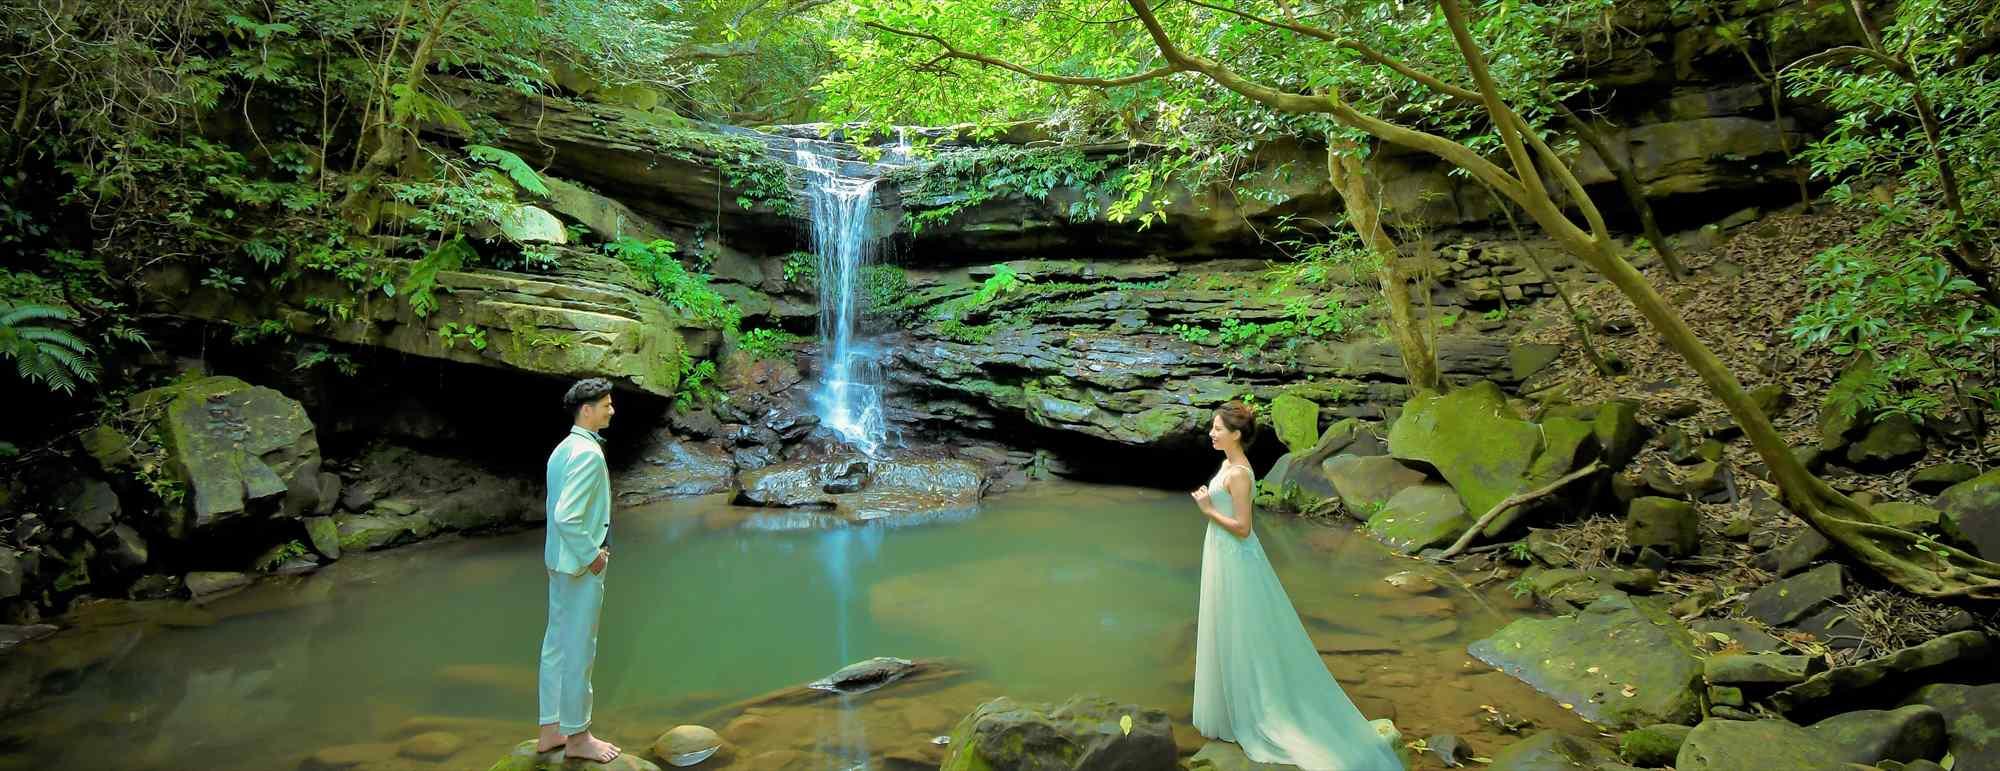 沖縄西表島フォト・ウェディング Iriomote Island Okinawa Kura Waterfall Photo Wedding クーラの滝 挙式前撮影